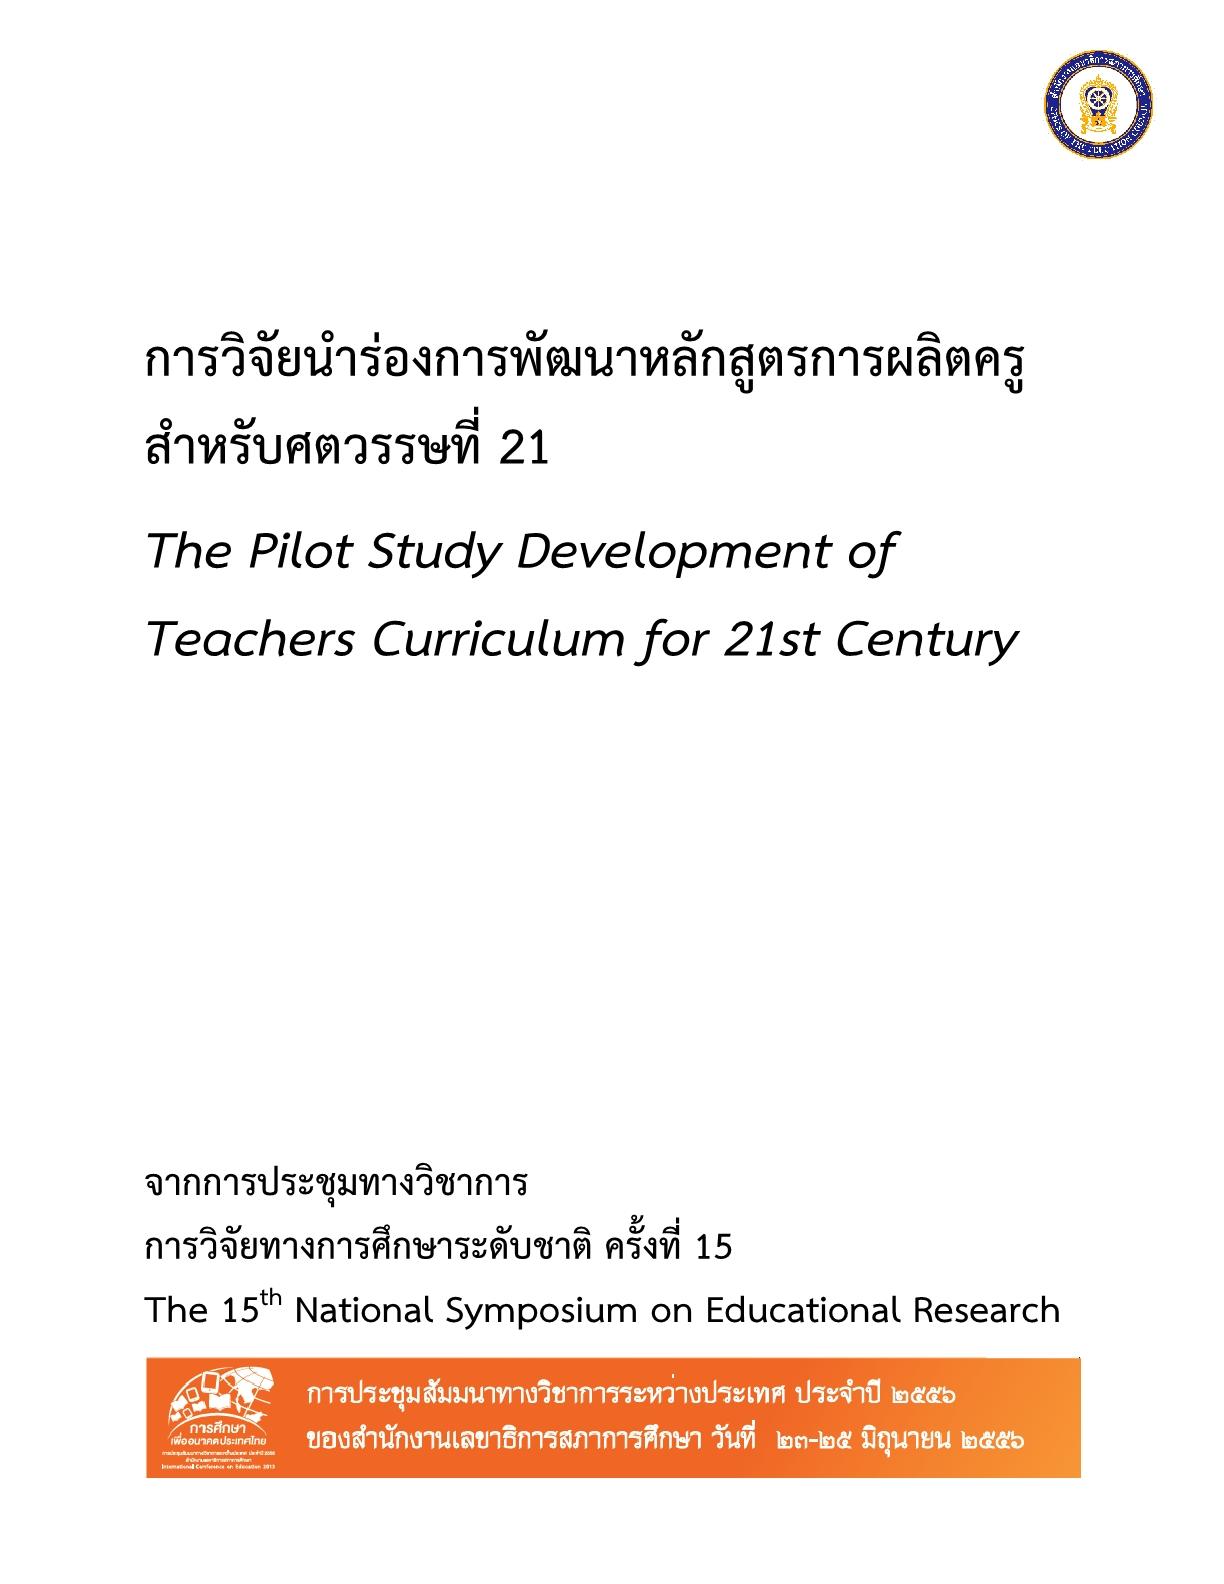 การวิจัยนำร่องการพัฒนาหลักสูตรการผลิตครูสำหรับศตวรรษที่ 21